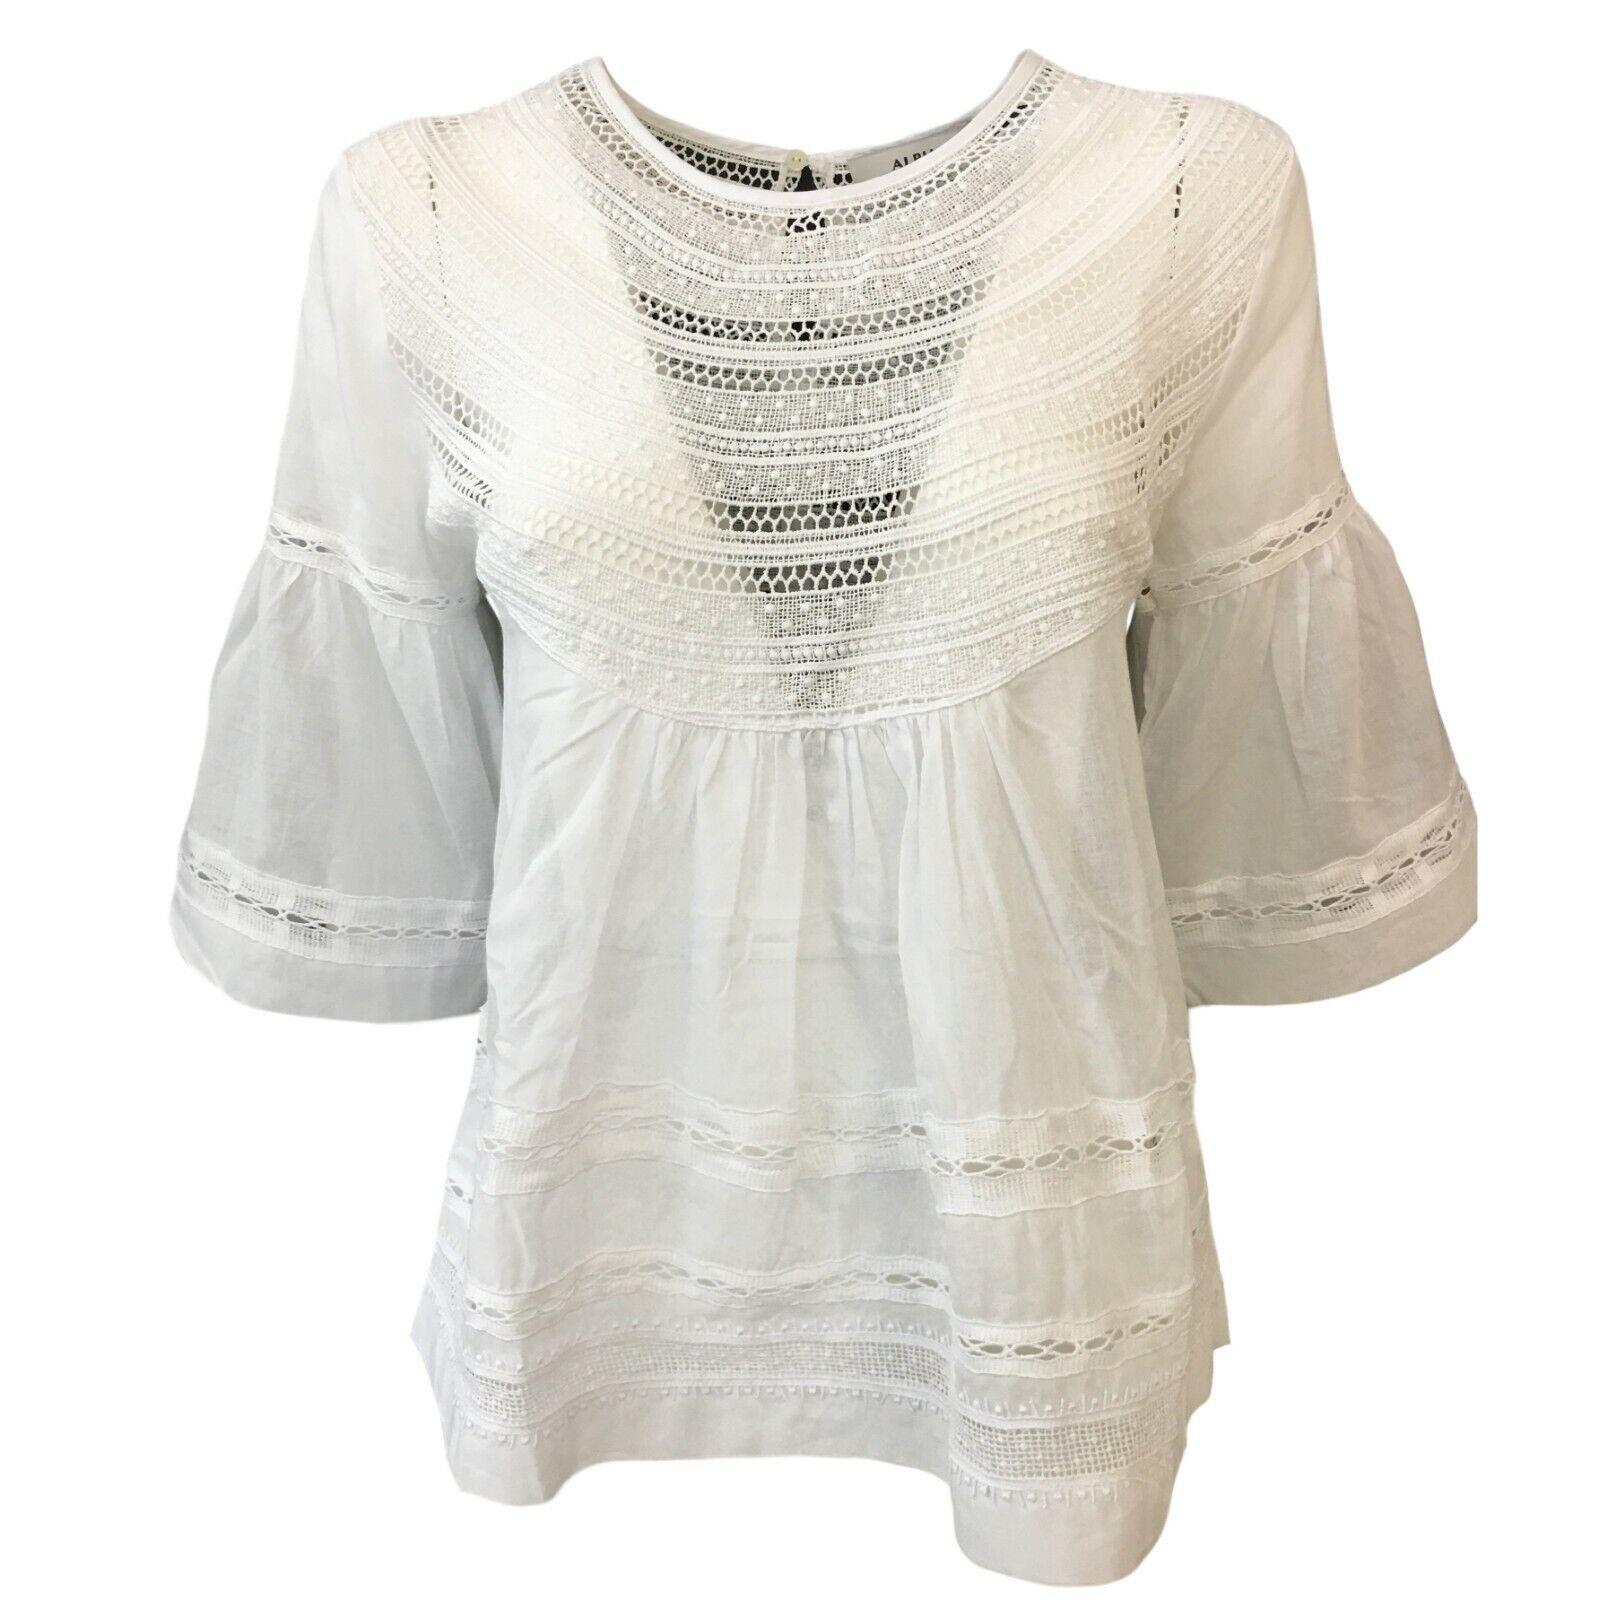 Camicia damen Weiß con pizzo ALPHA STUDIO manica 3 4 art AD-1510C 100% cotone